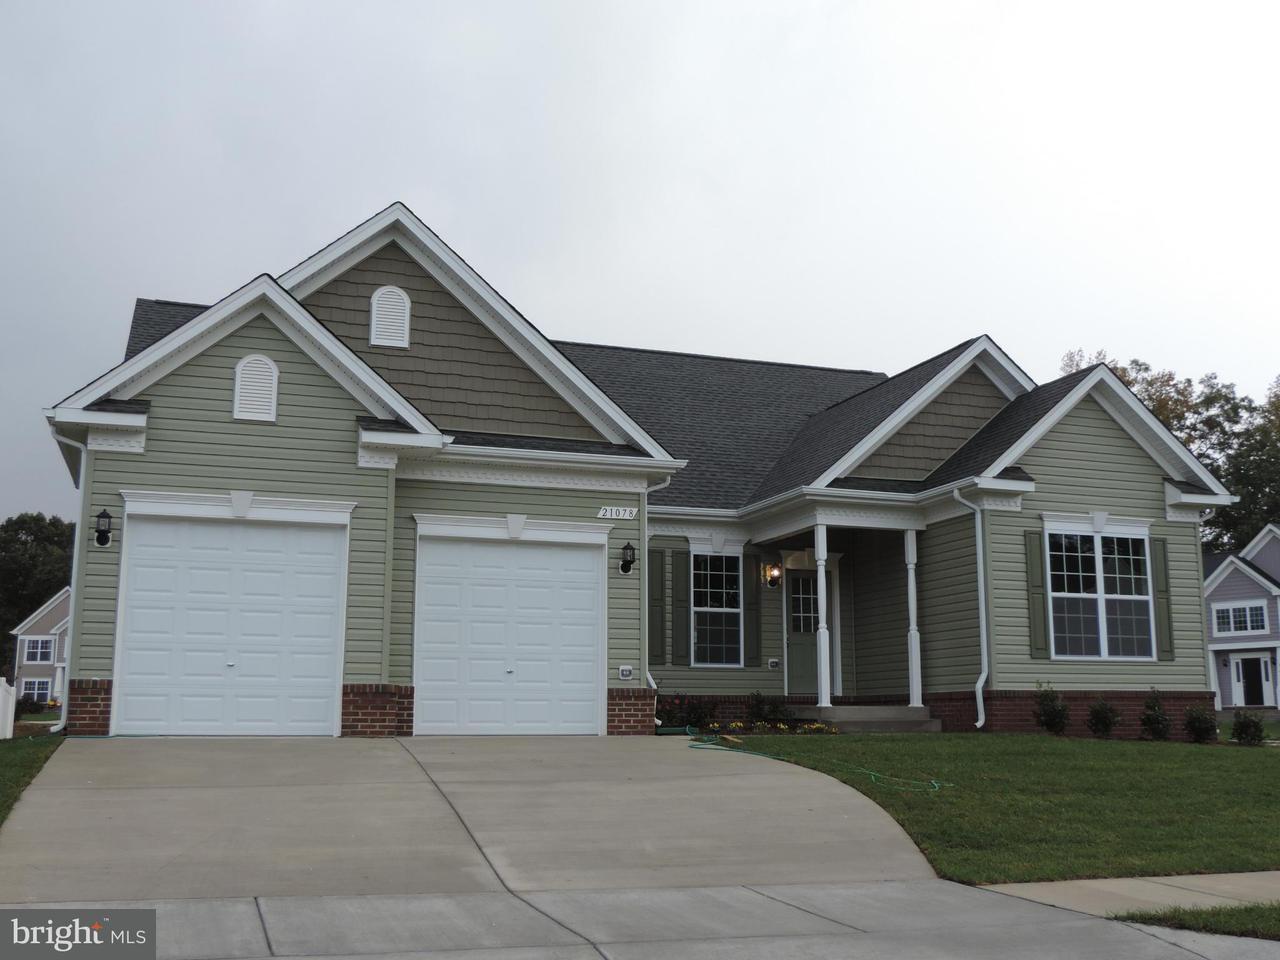 Maison unifamiliale pour l Vente à 1998 Foxwood Lane 1998 Foxwood Lane Lusby, Maryland 20657 États-Unis